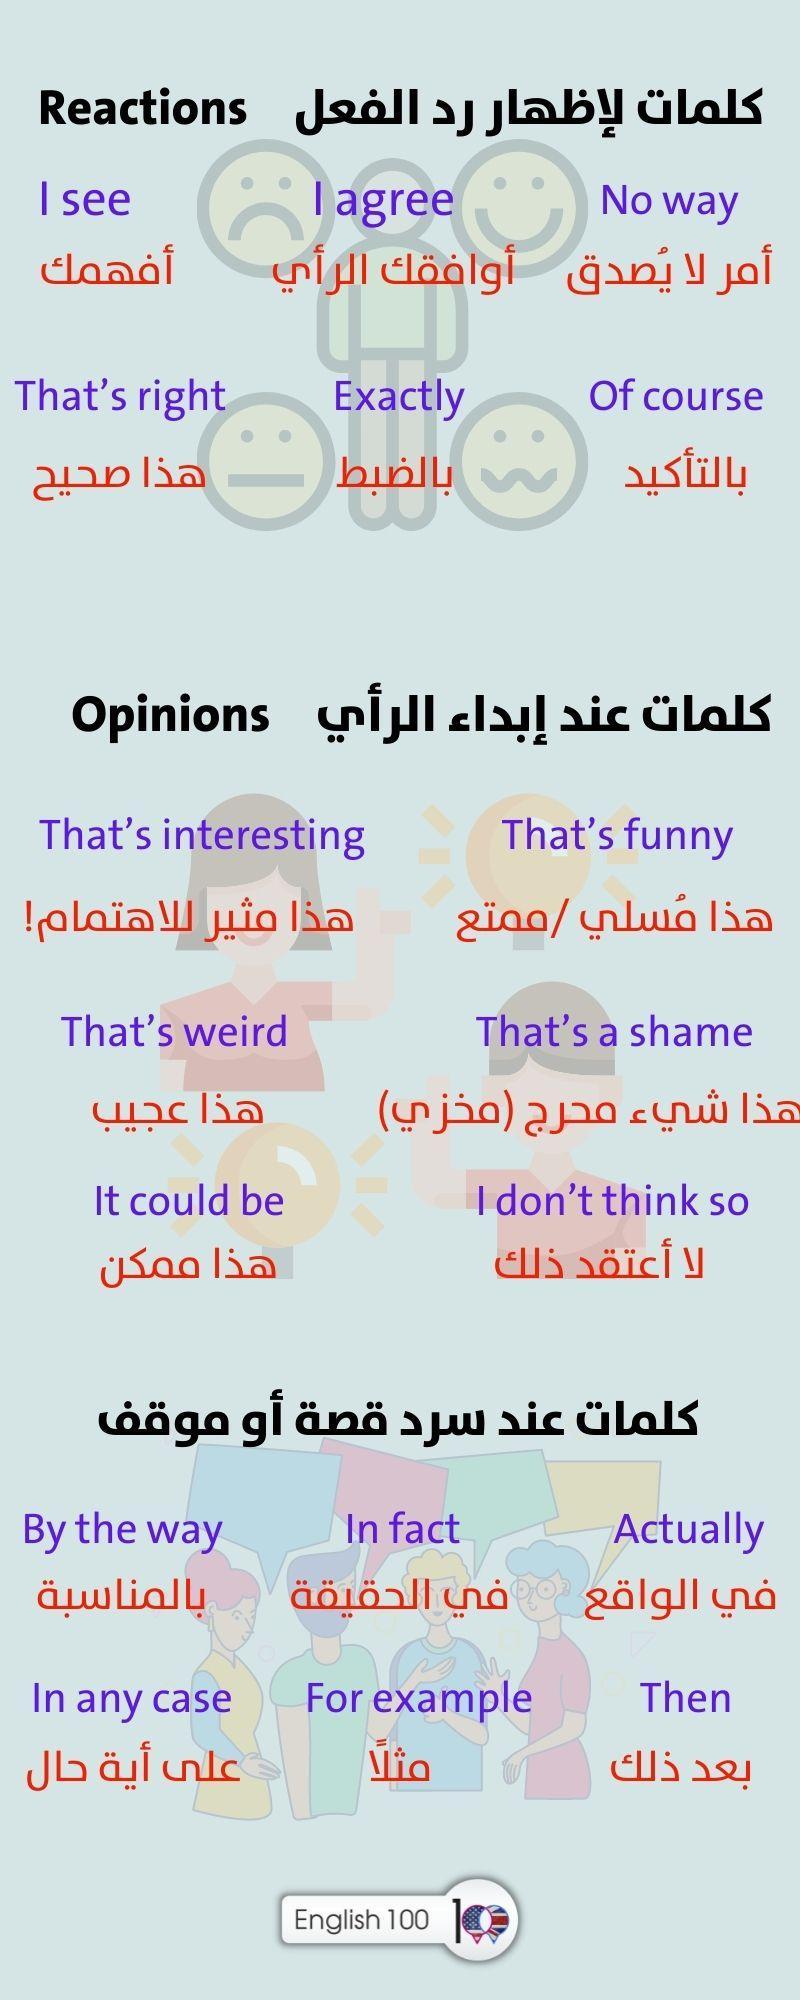 اهم كلمات اللغة الانجليزية للمحادثة The Most Important Words for English Conversation